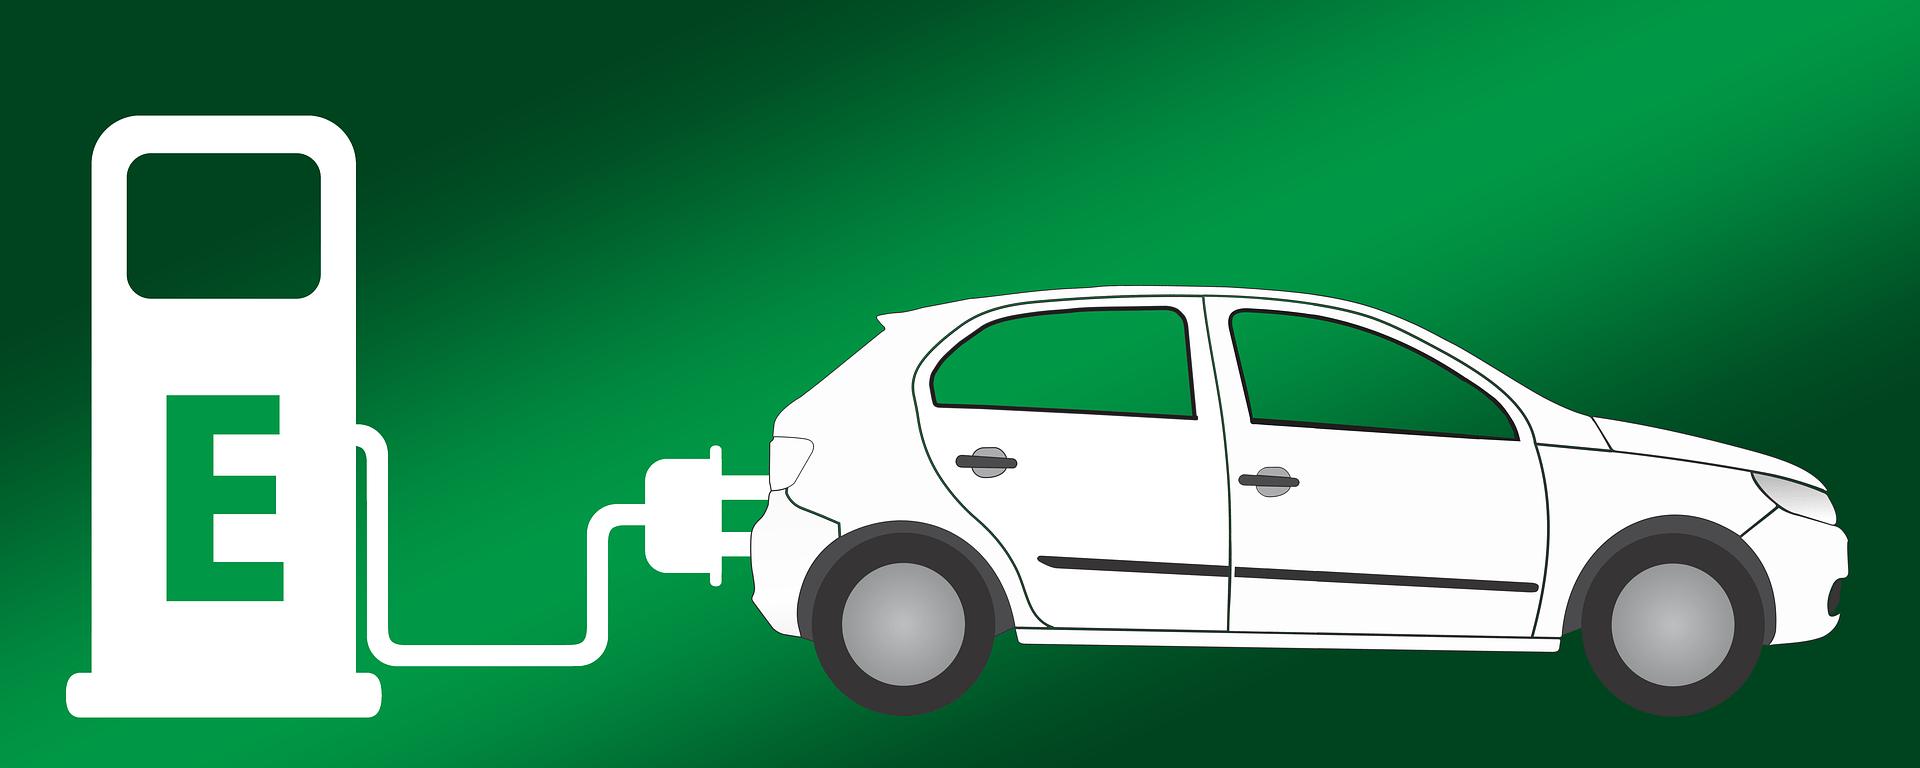 Jest szansa na dopłaty do samochodów elektrycznych - do 36 tys. złotych